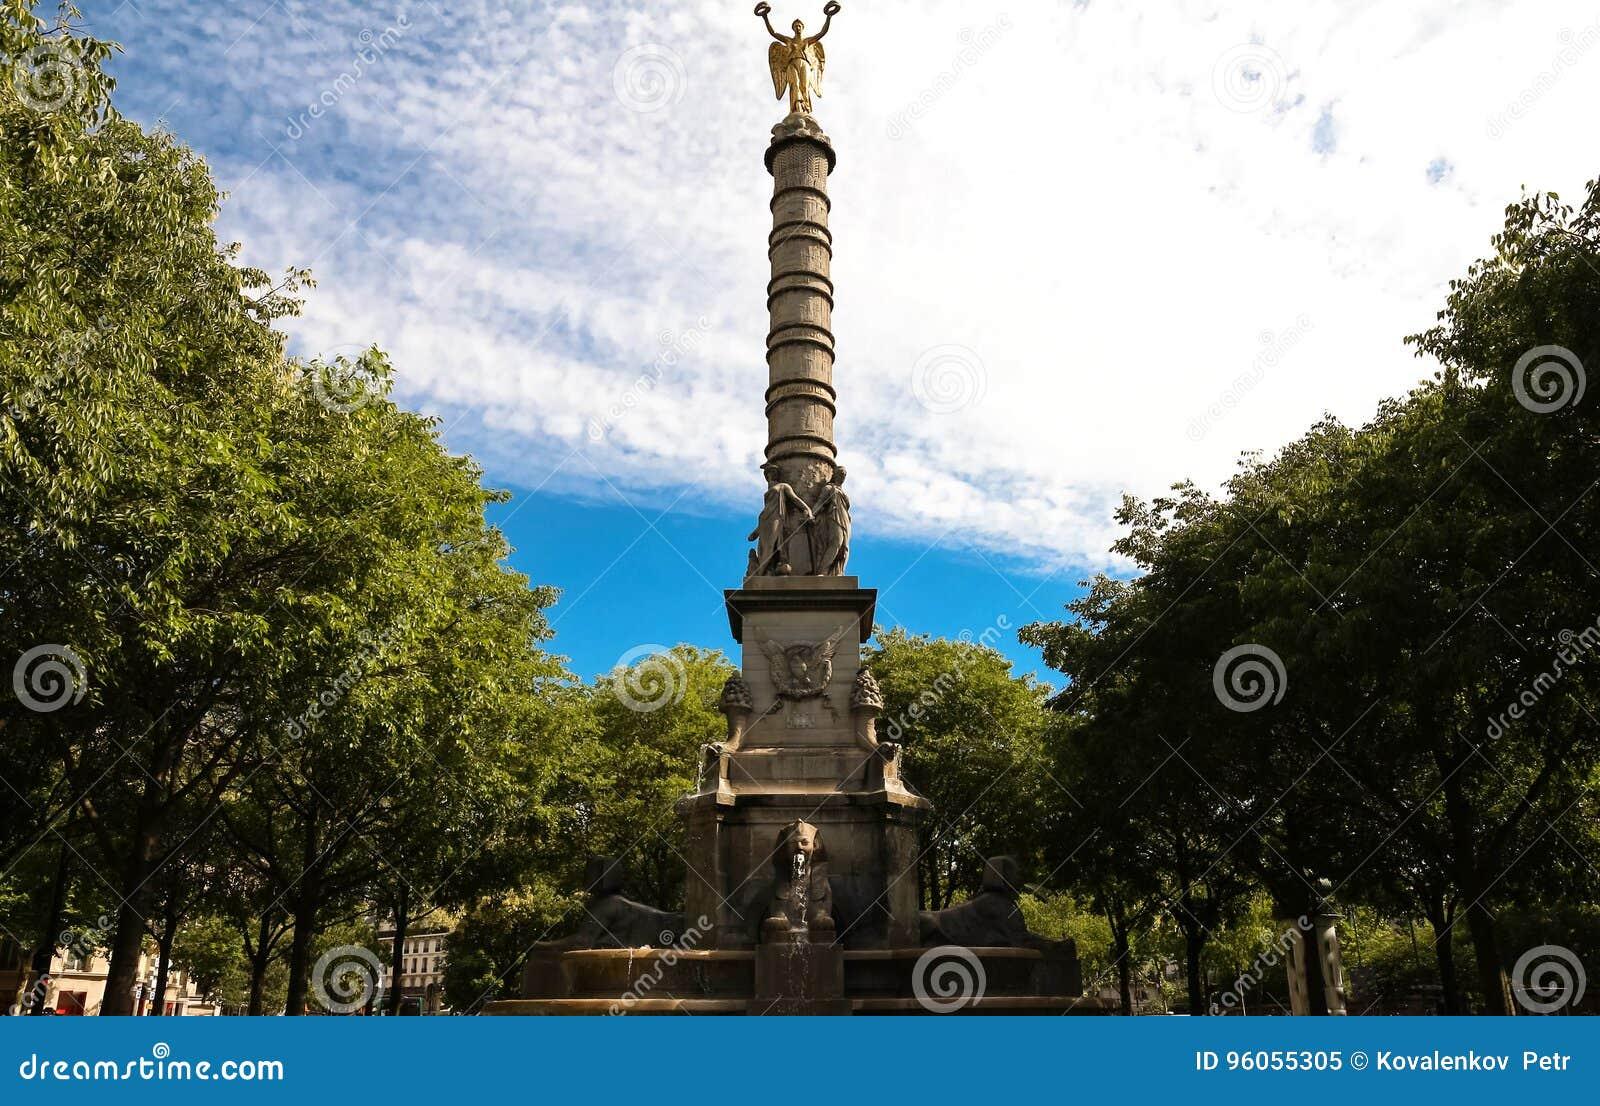 La fontaine du Palmier 1750 - 1832 chez Place du Chatelet, Paris